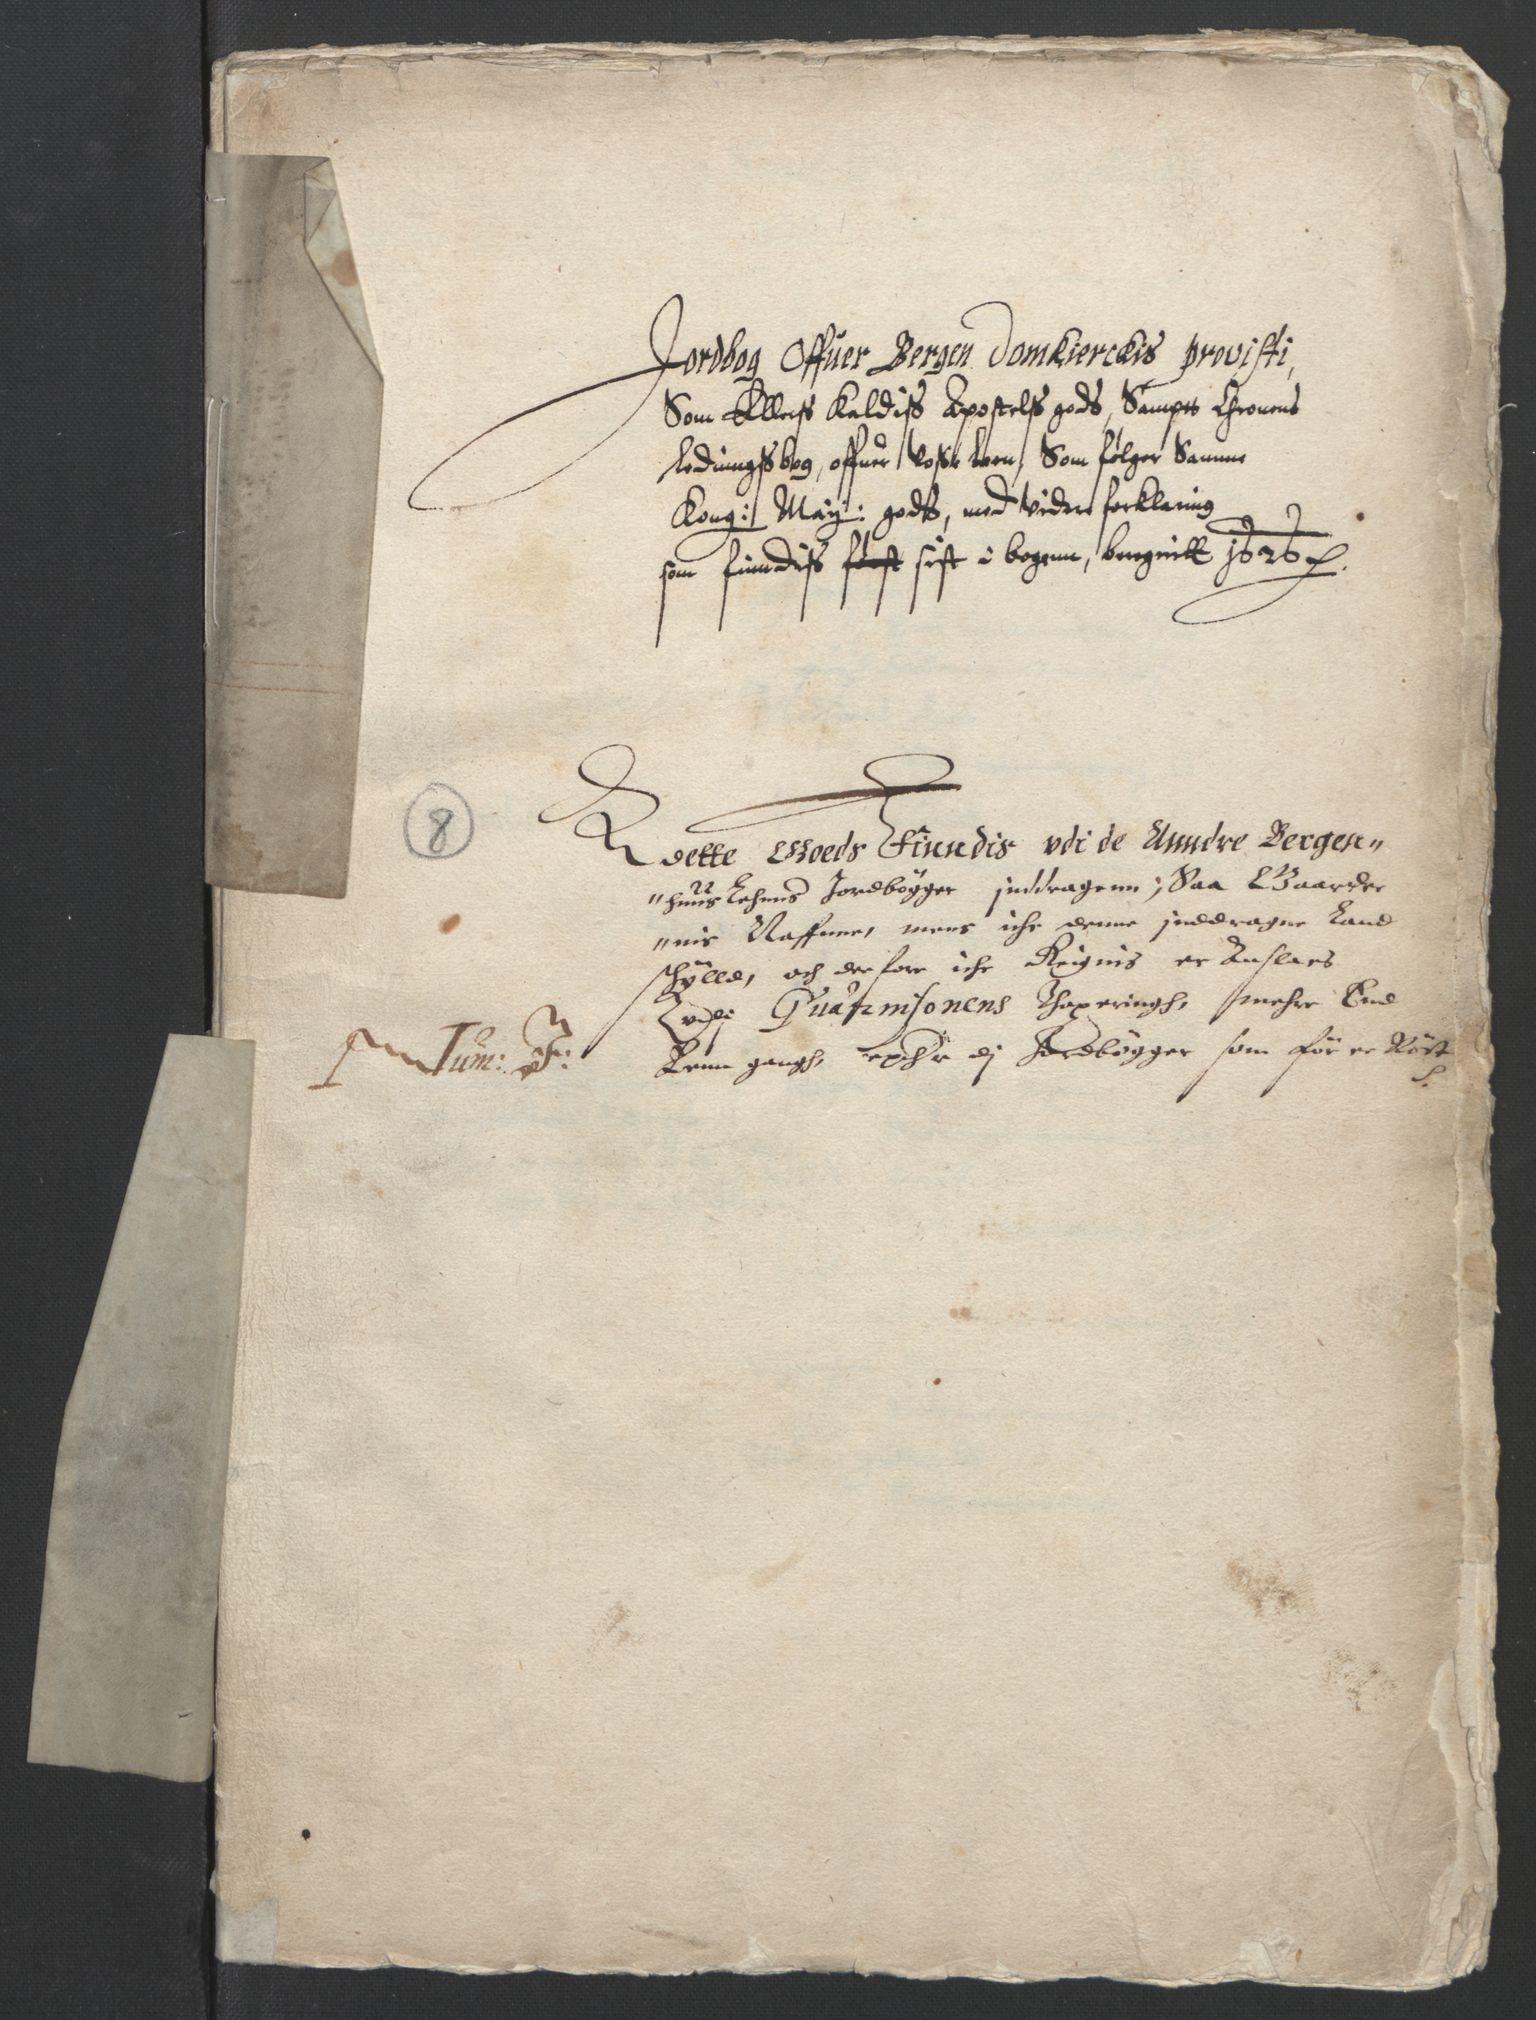 RA, Stattholderembetet 1572-1771, Ek/L0004: Jordebøker til utlikning av garnisonsskatt 1624-1626:, 1626, s. 267